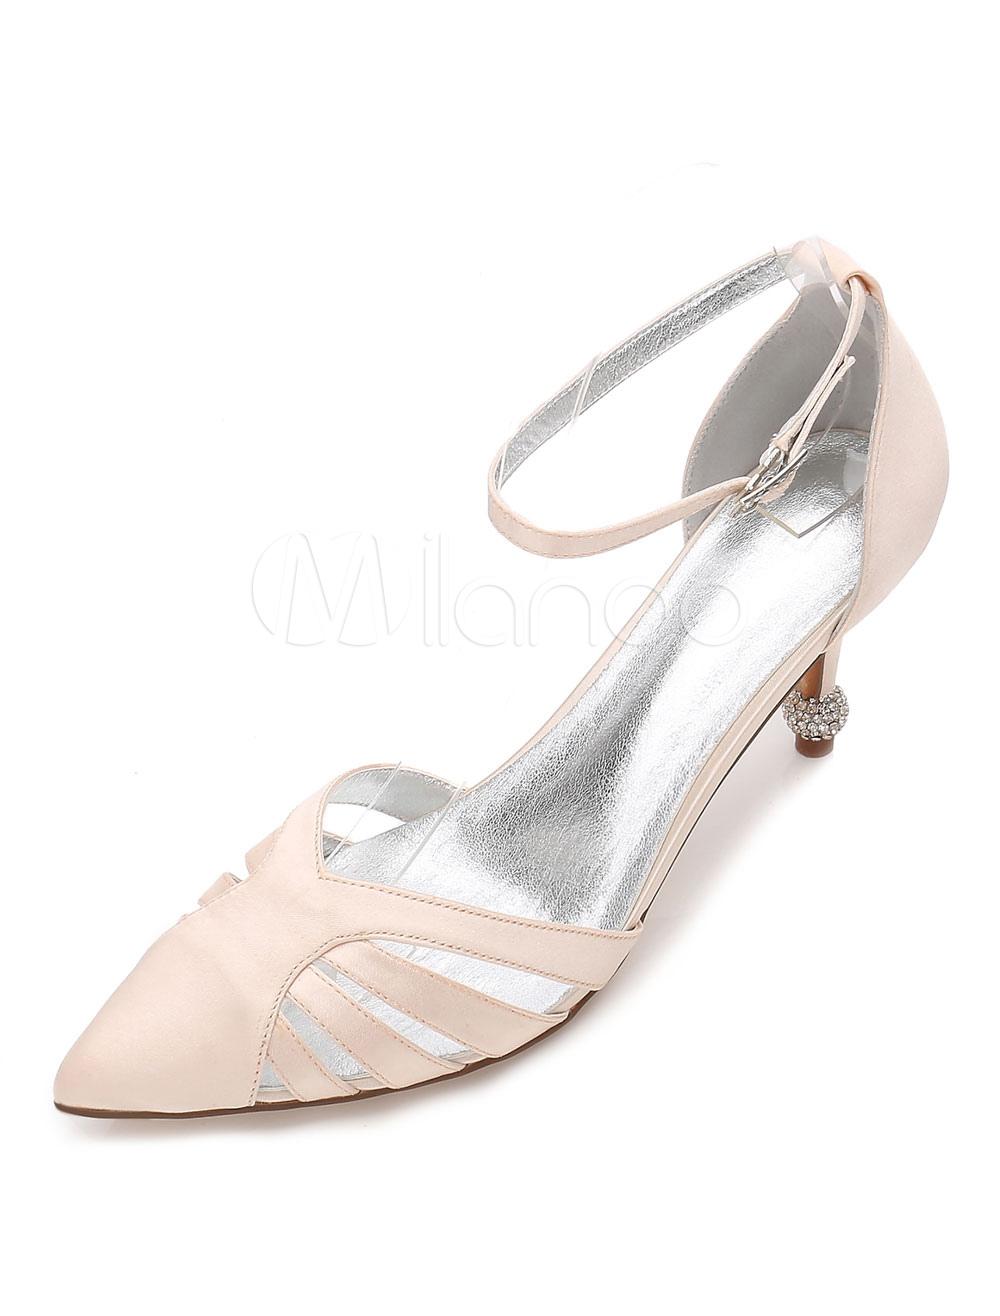 Zapatos de puntera puntiaguada de tacón de prisma de seda y satén con pedreríaelegantes Fiesta de bodas tSJznvw0U1